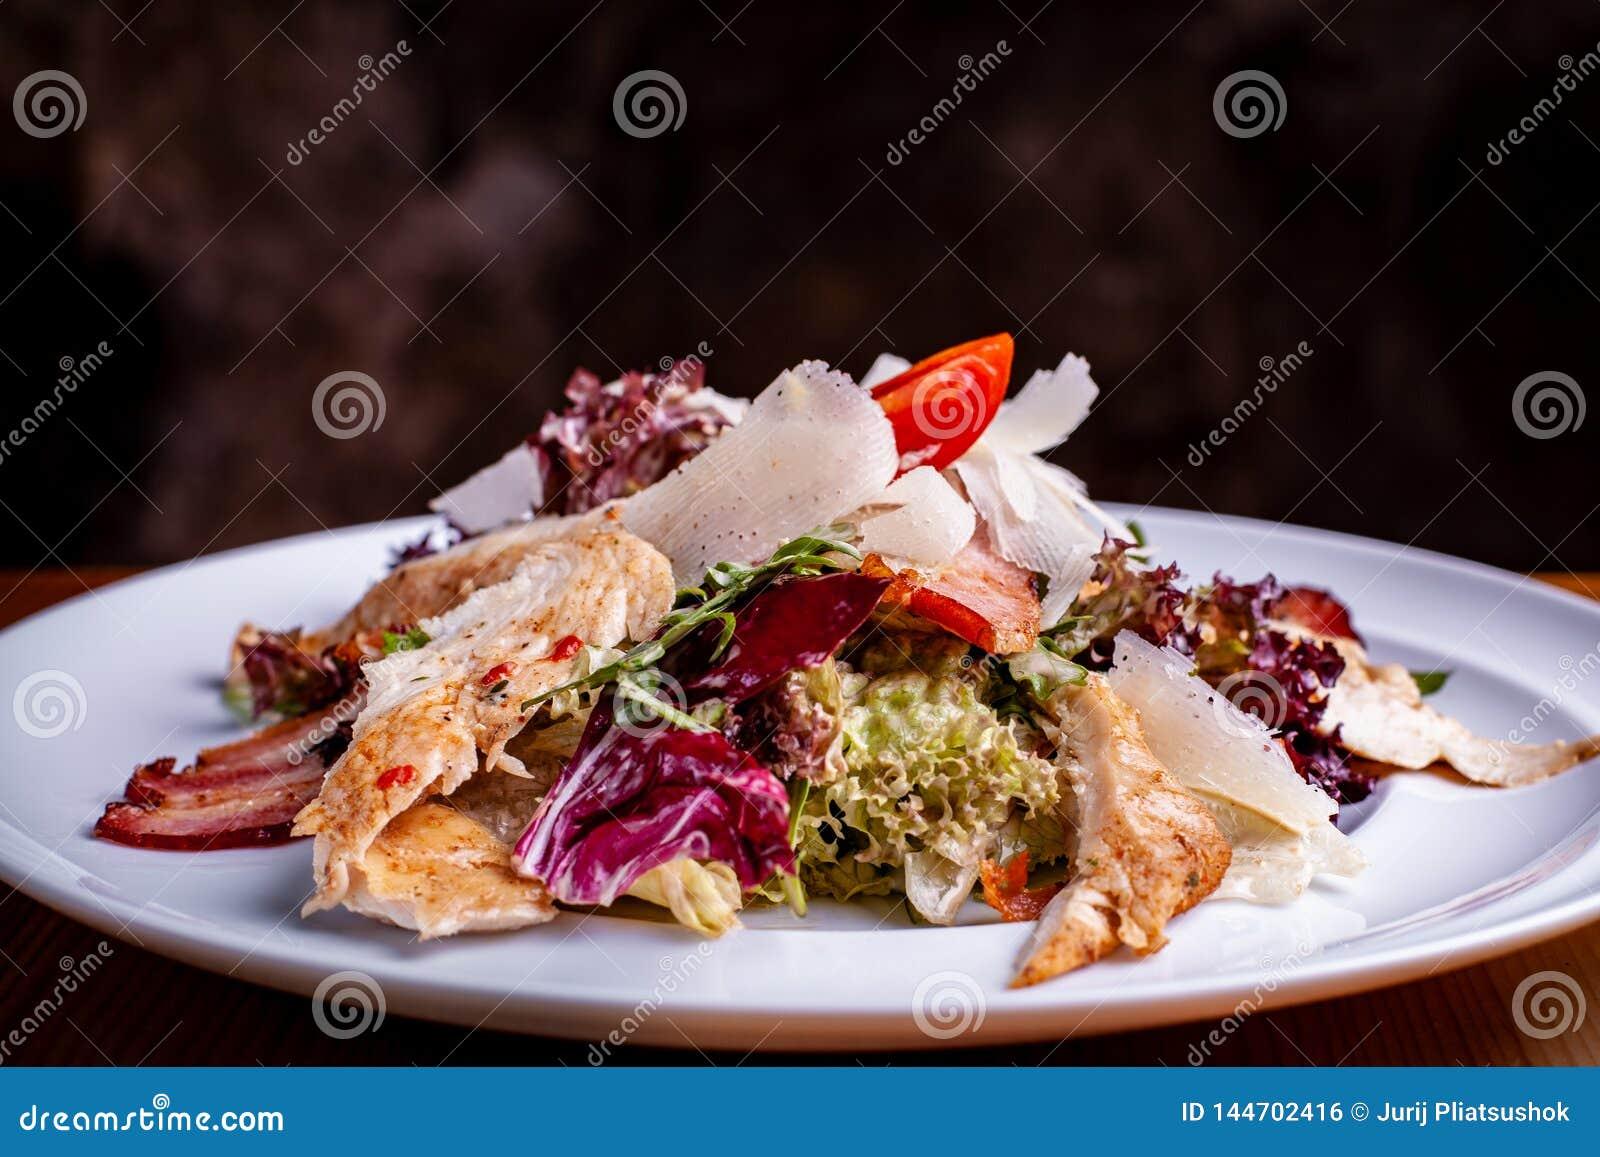 Cesar Salad in a salad bowl at a restaurant black background